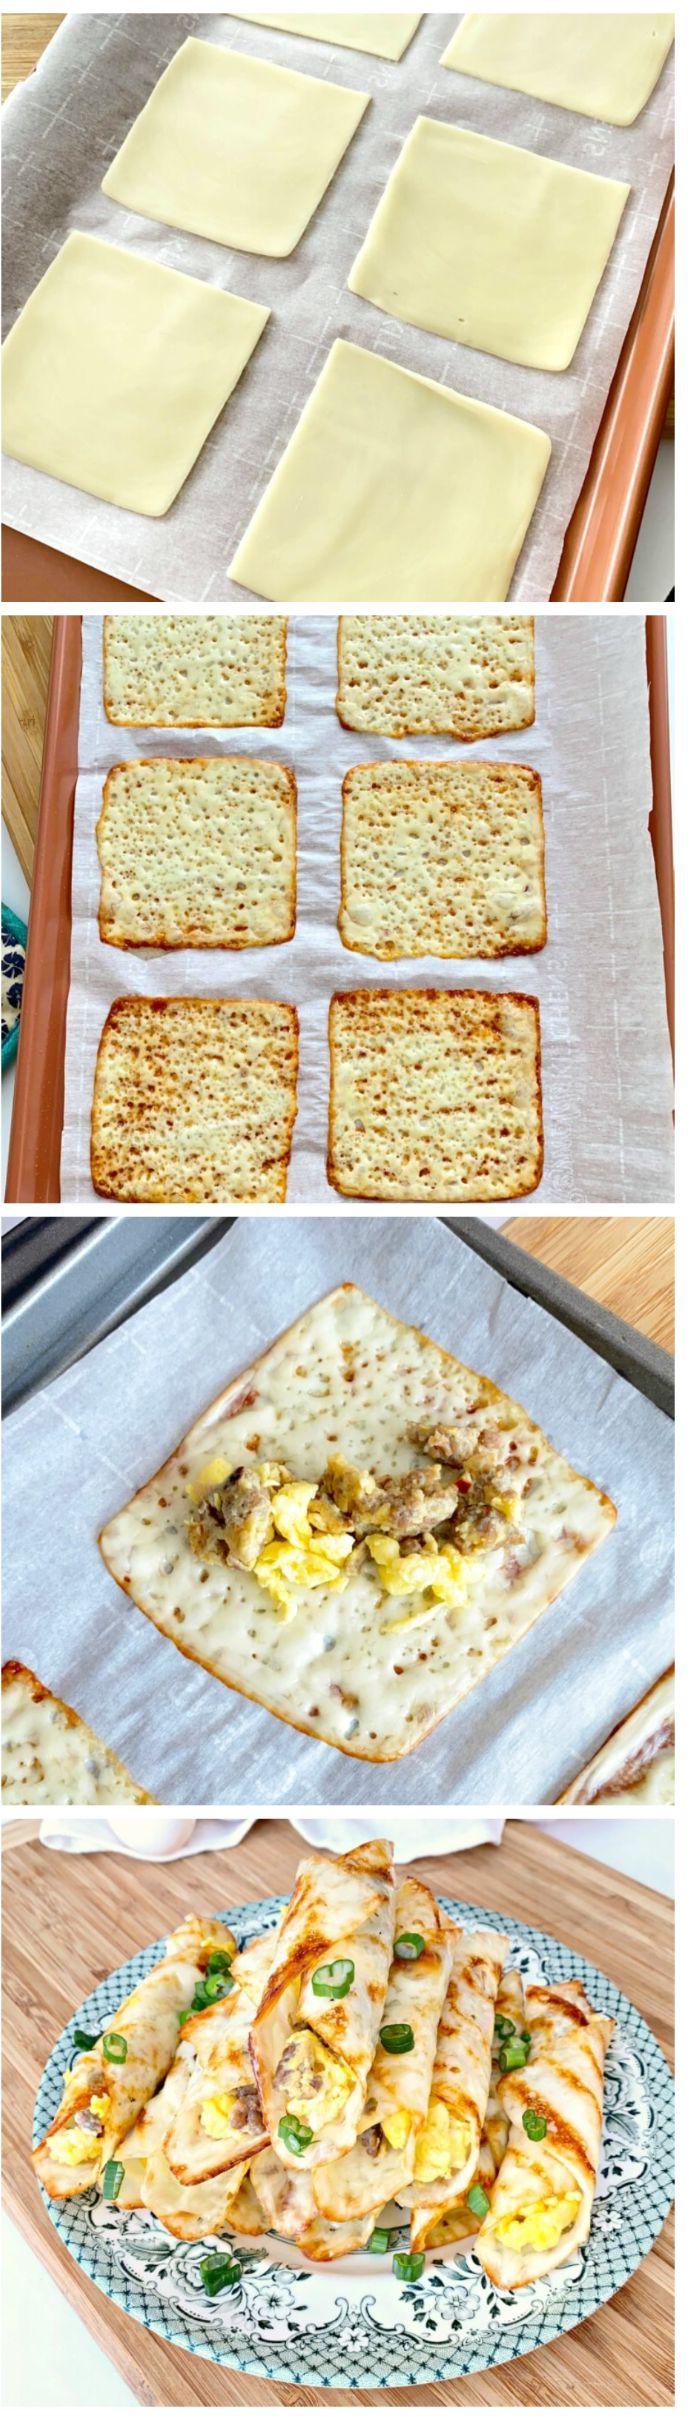 régime cétogène menu, exemple de petit dejeuner simple de rouleaux de fromage aux oeufs brouillés, saucisse